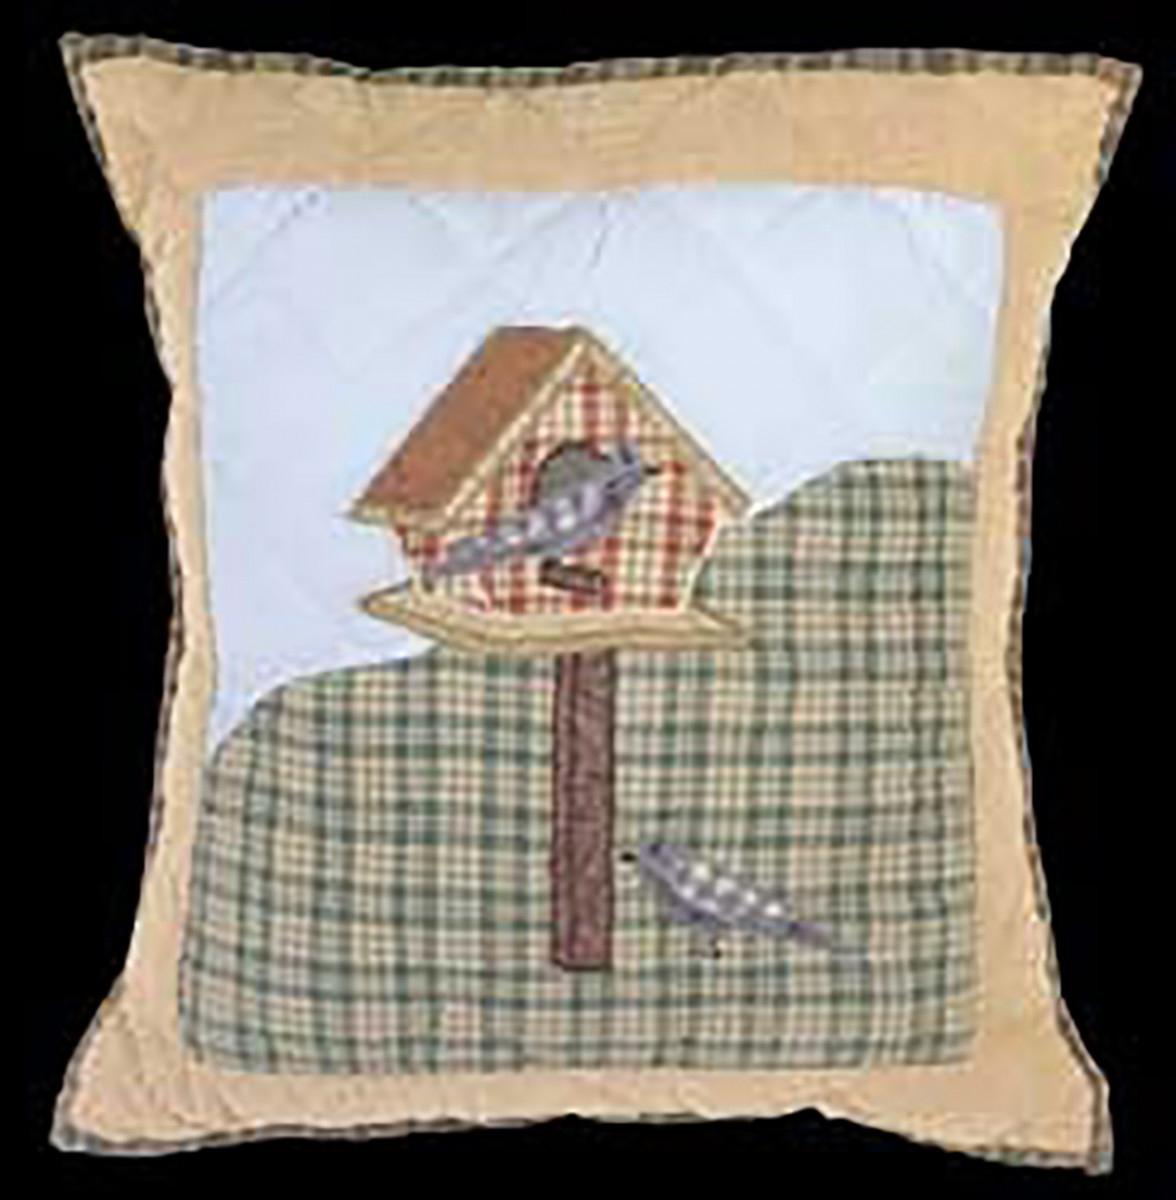 Pillows Birdhouse Sumer Cotton Pillow 18 x 16 Pillows Cotton Pillow Cotton Pillows